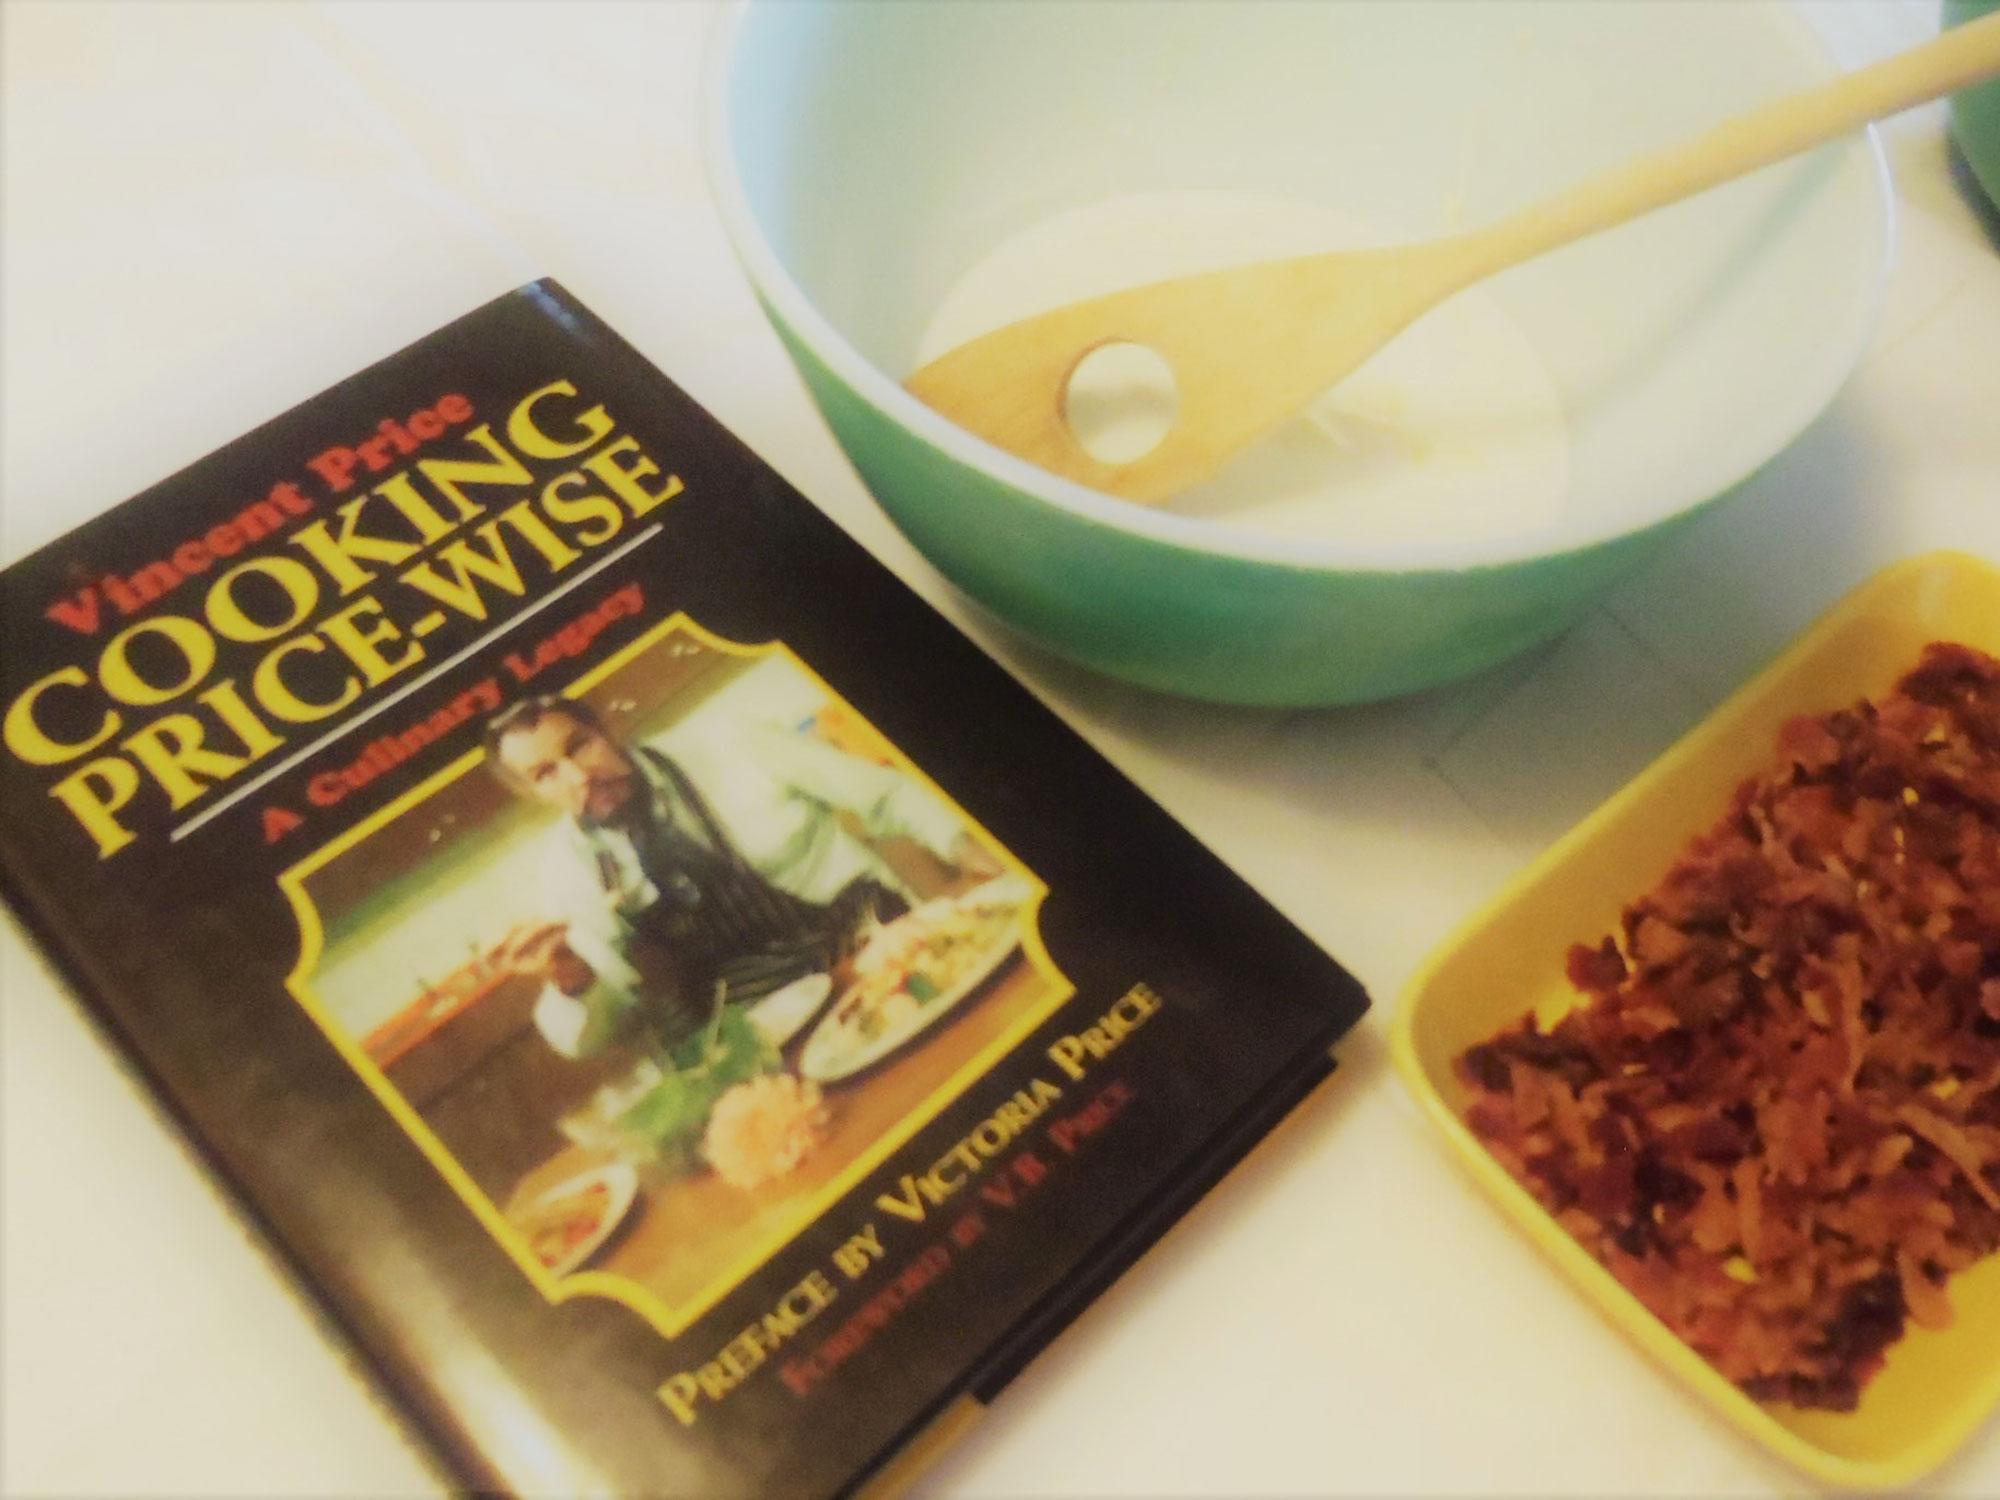 book-bacon.jpg